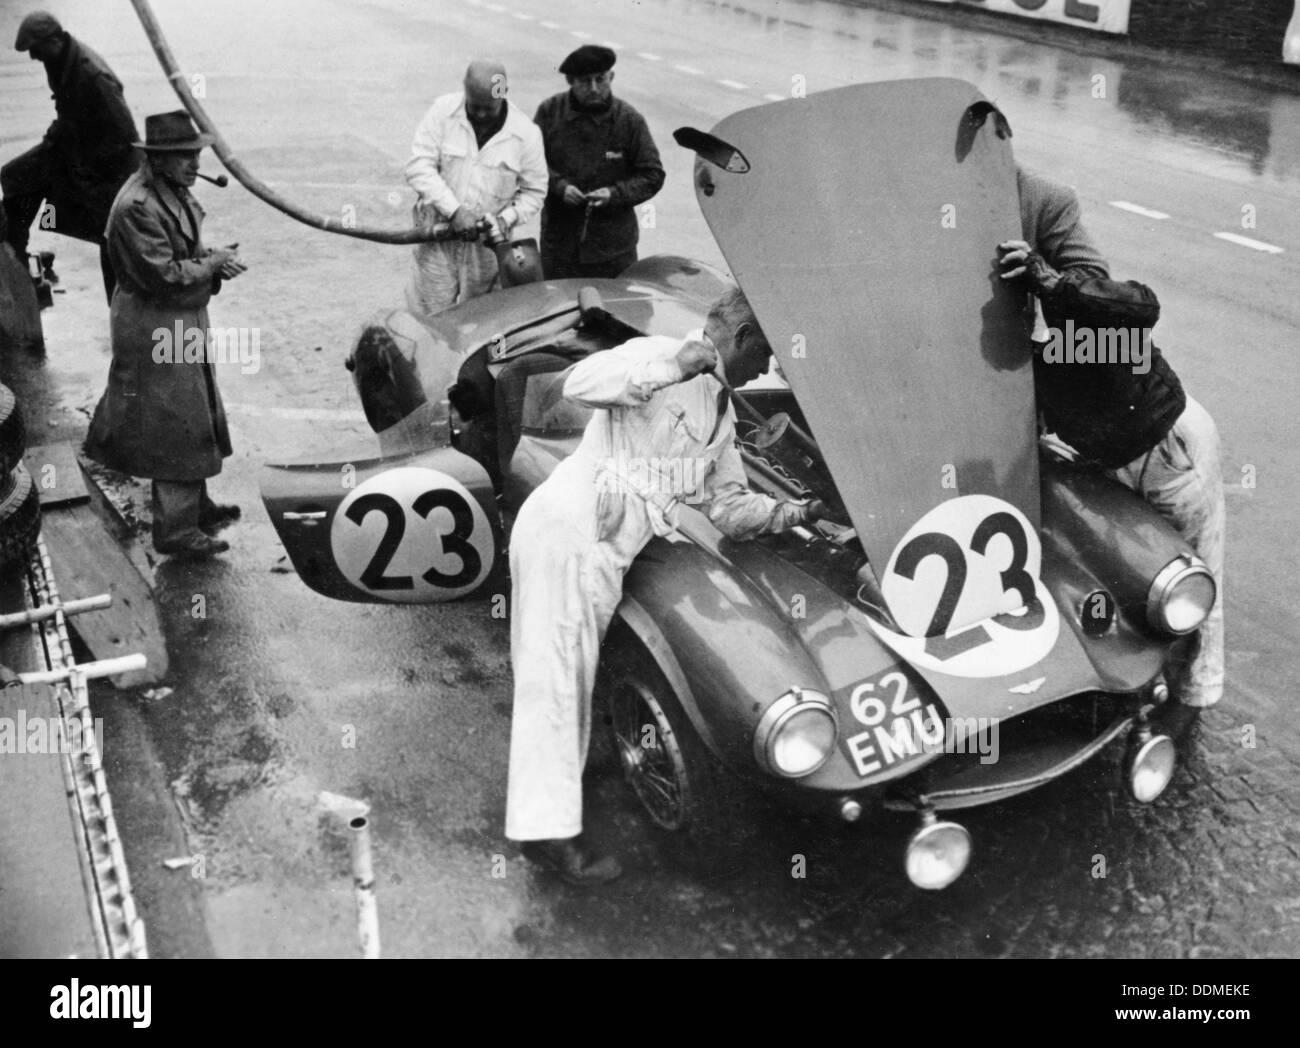 Jaguar Car Live Wallpaper Download Pit Stop Le Mans 24 Hours France 1955 Stock Photo